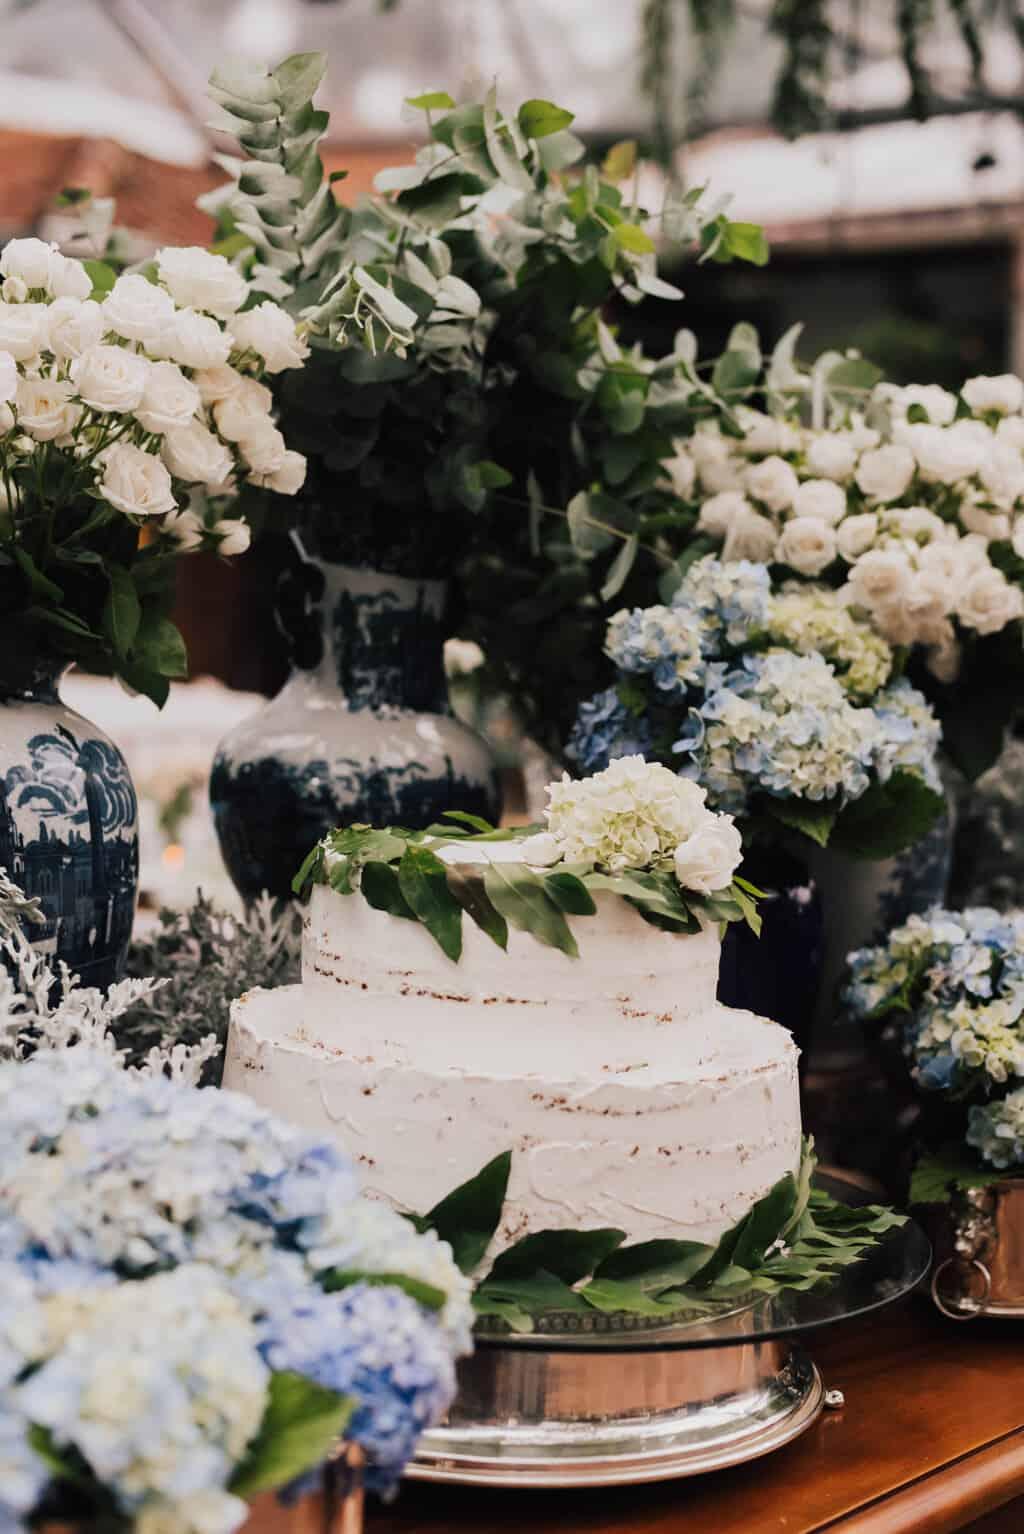 bolo-de-casamento-casamento-Maitê-e-Breno-decor-contemporanea-decoracao-branca-com-verde-Fotografia-Mana-Gollo-Hotel-Timbó-Park20